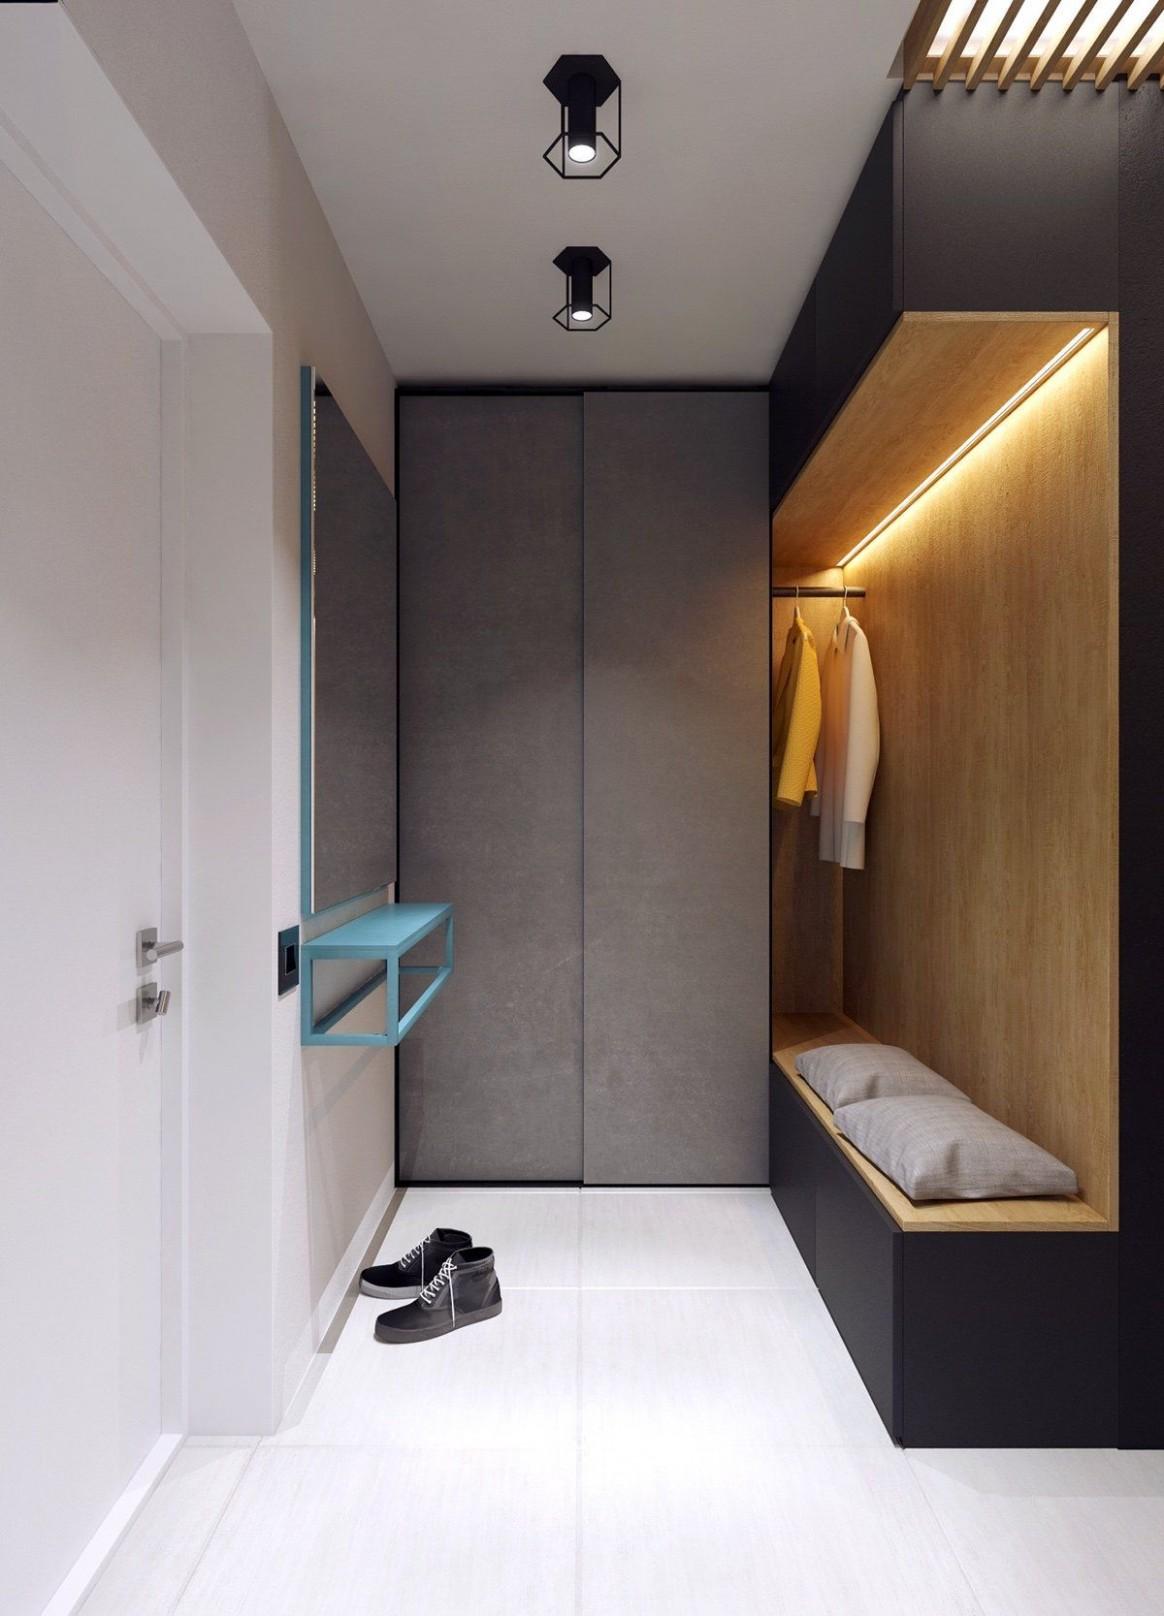 Just Interior Ideas  Interior Design and Decoration Ideas  - Apartment Entrance Design